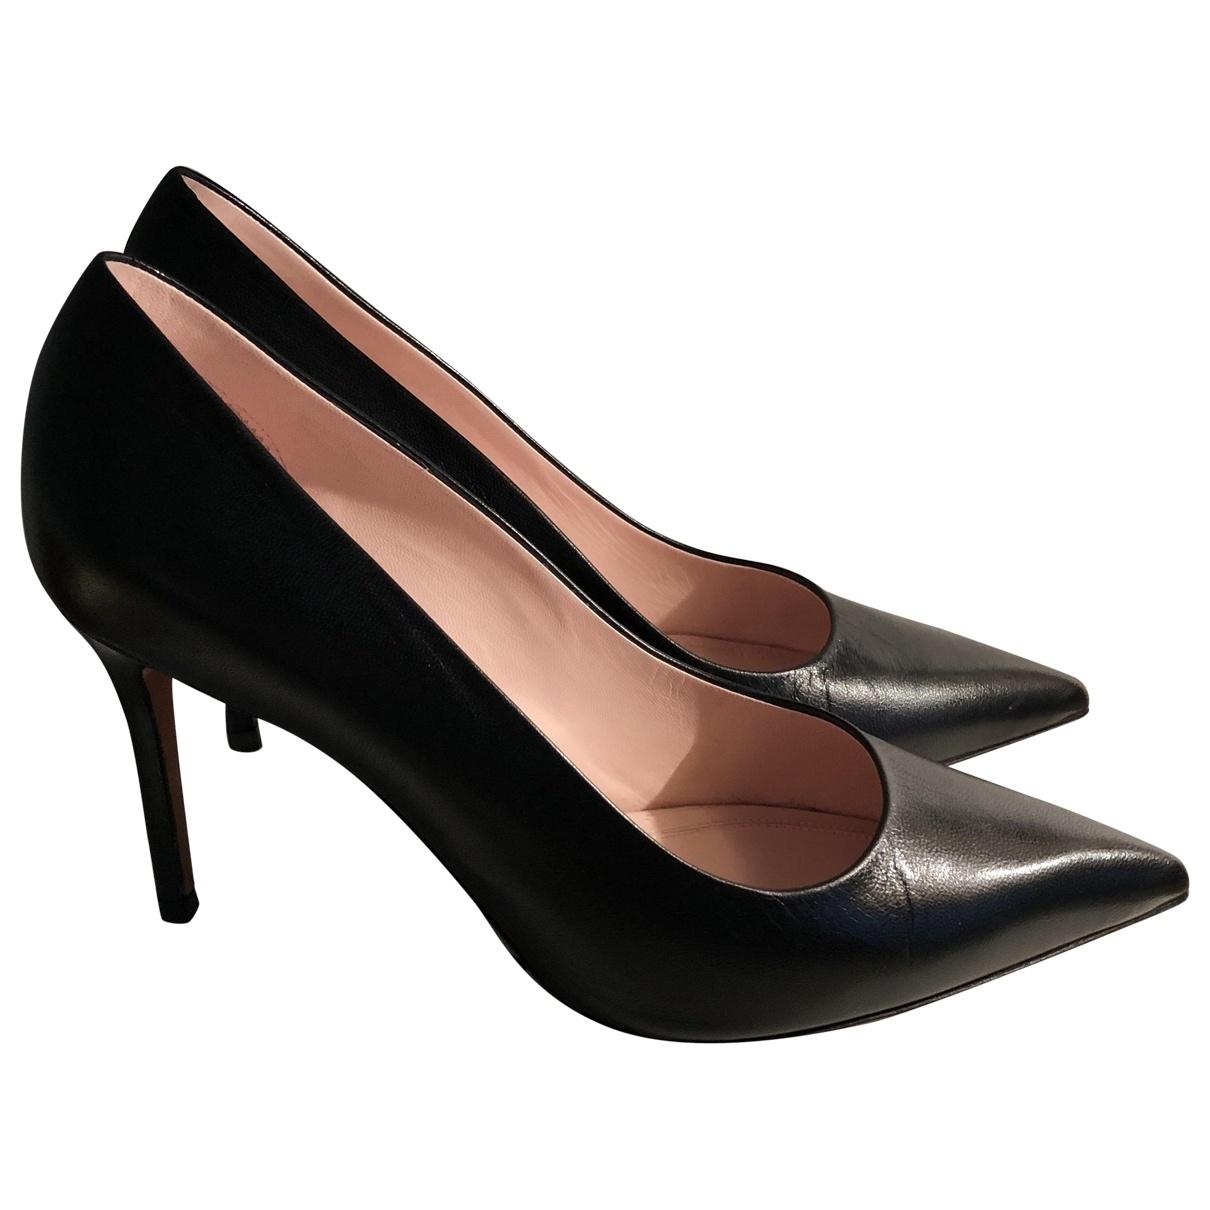 Celine \N Black Leather Heels for Women 36.5 EU